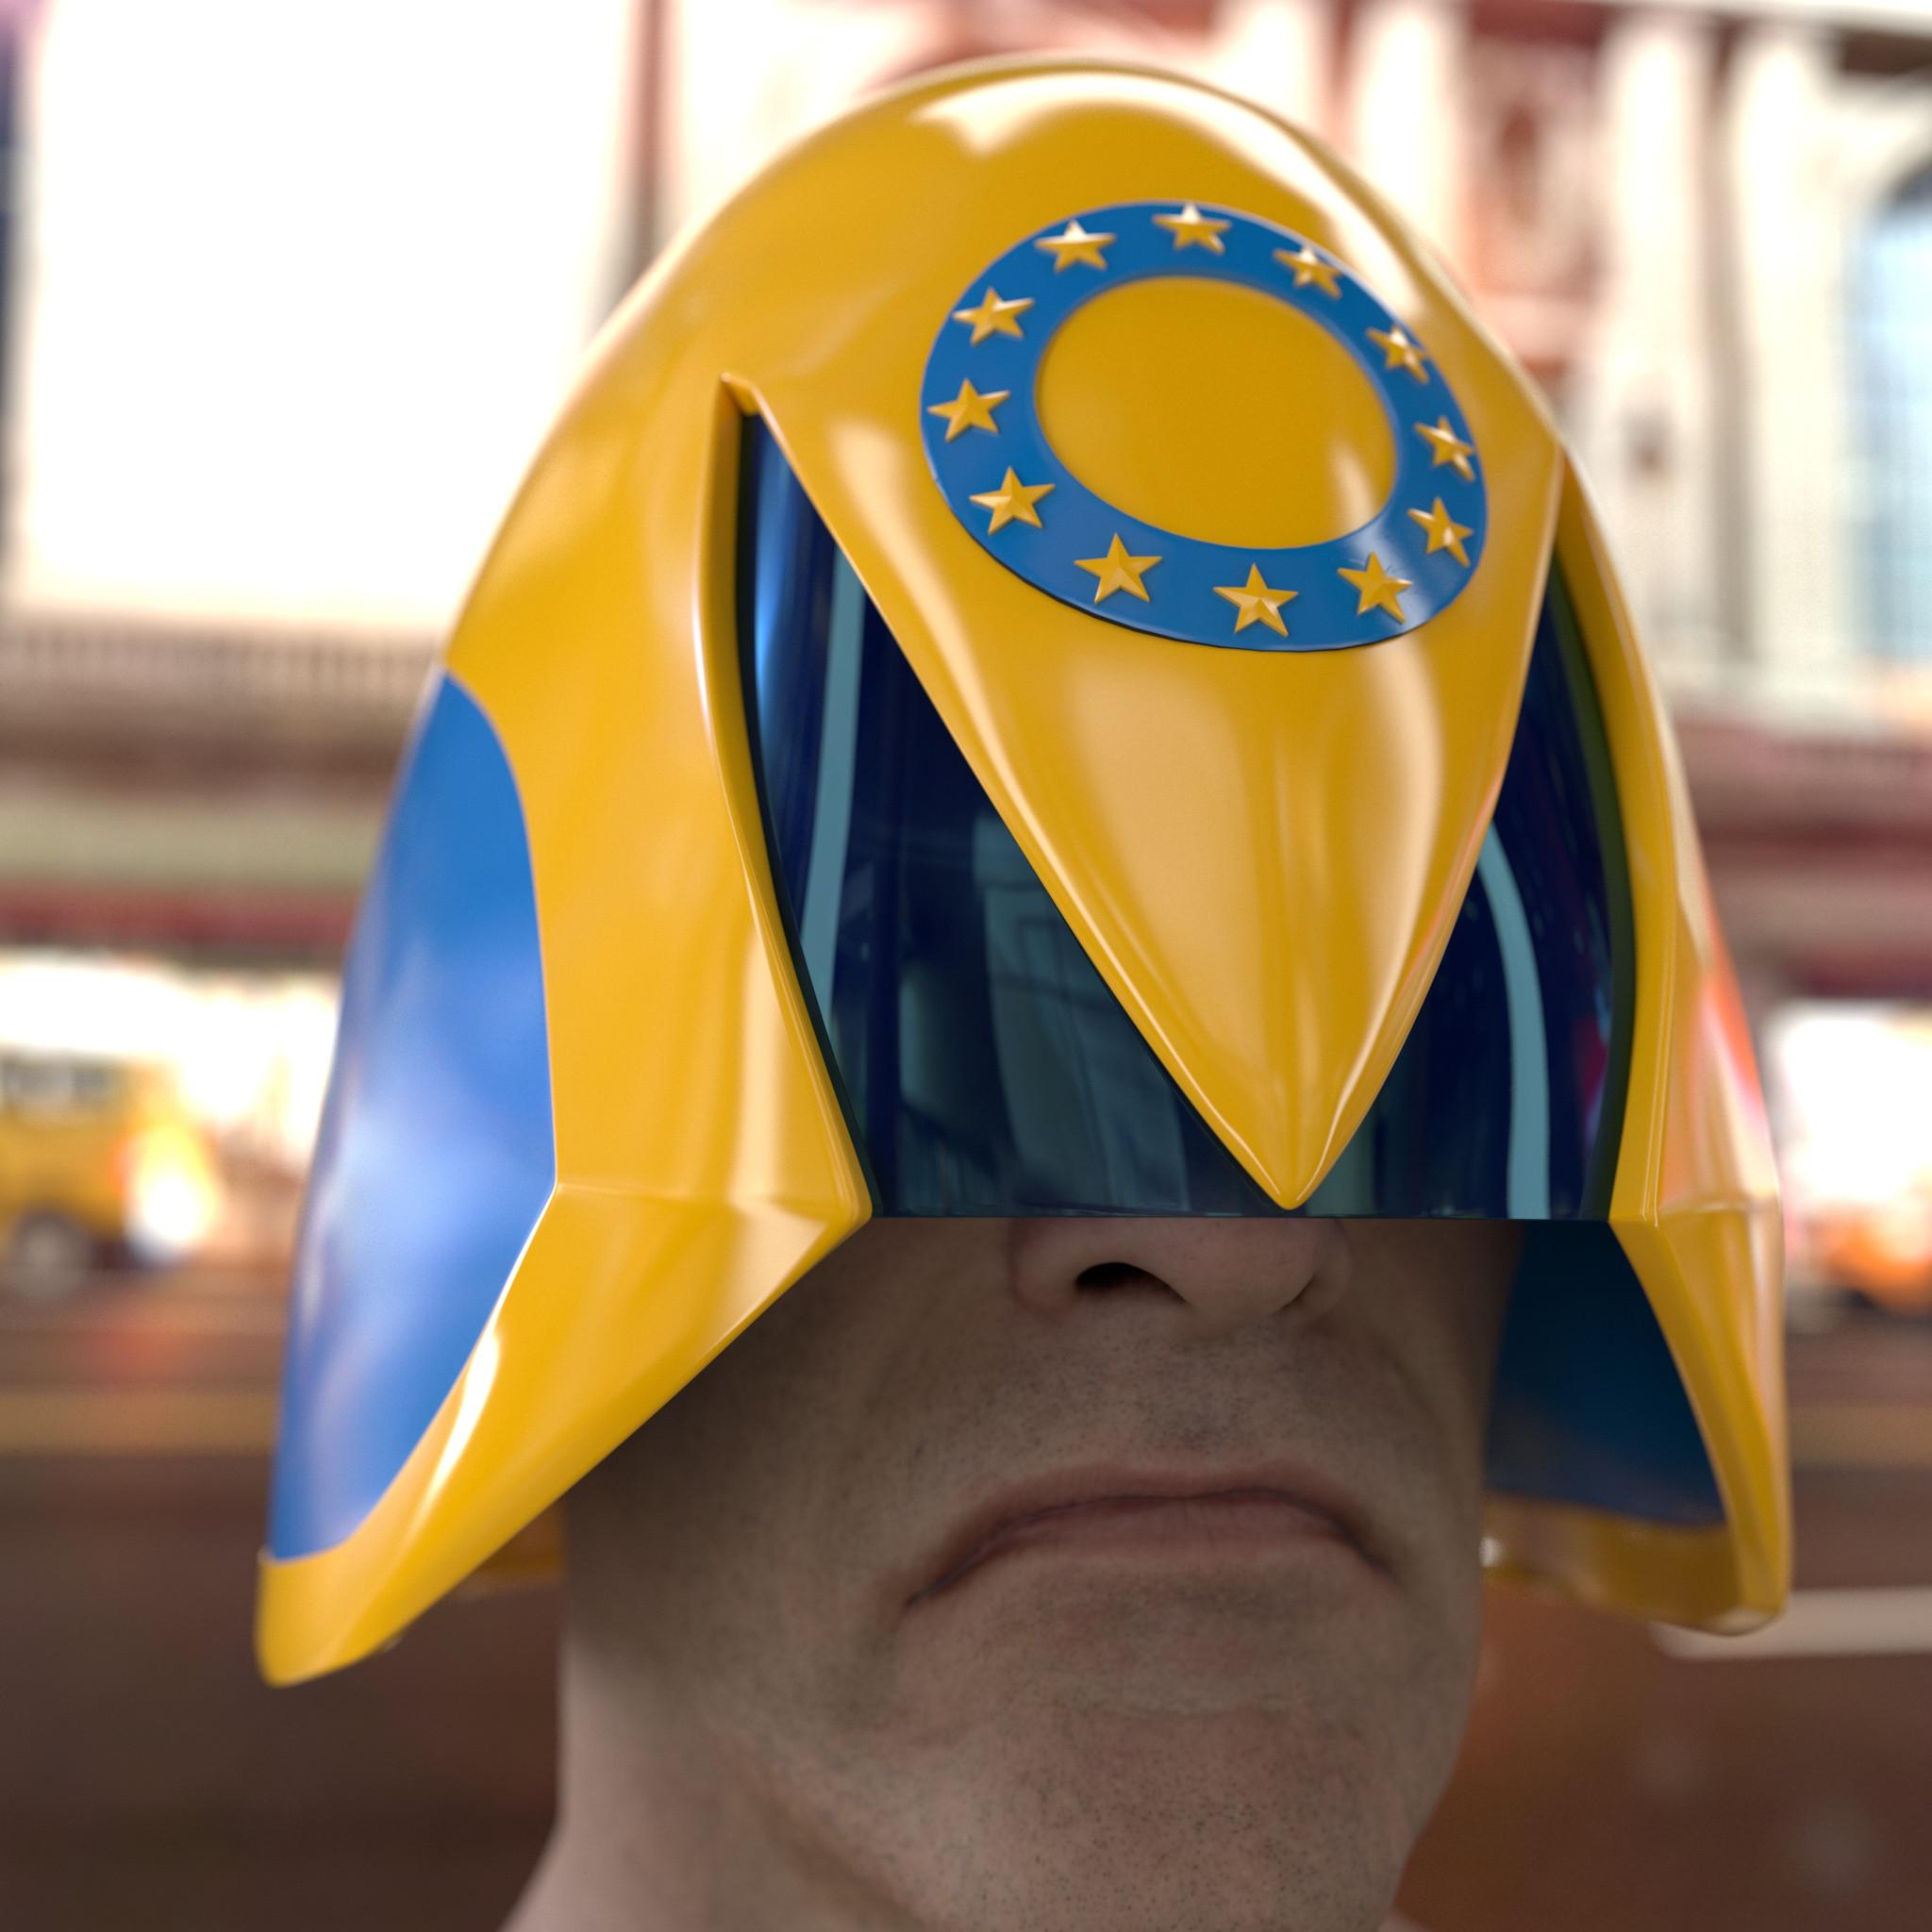 Euro-Cit Judge (Based on a design by Inaki Miranda)